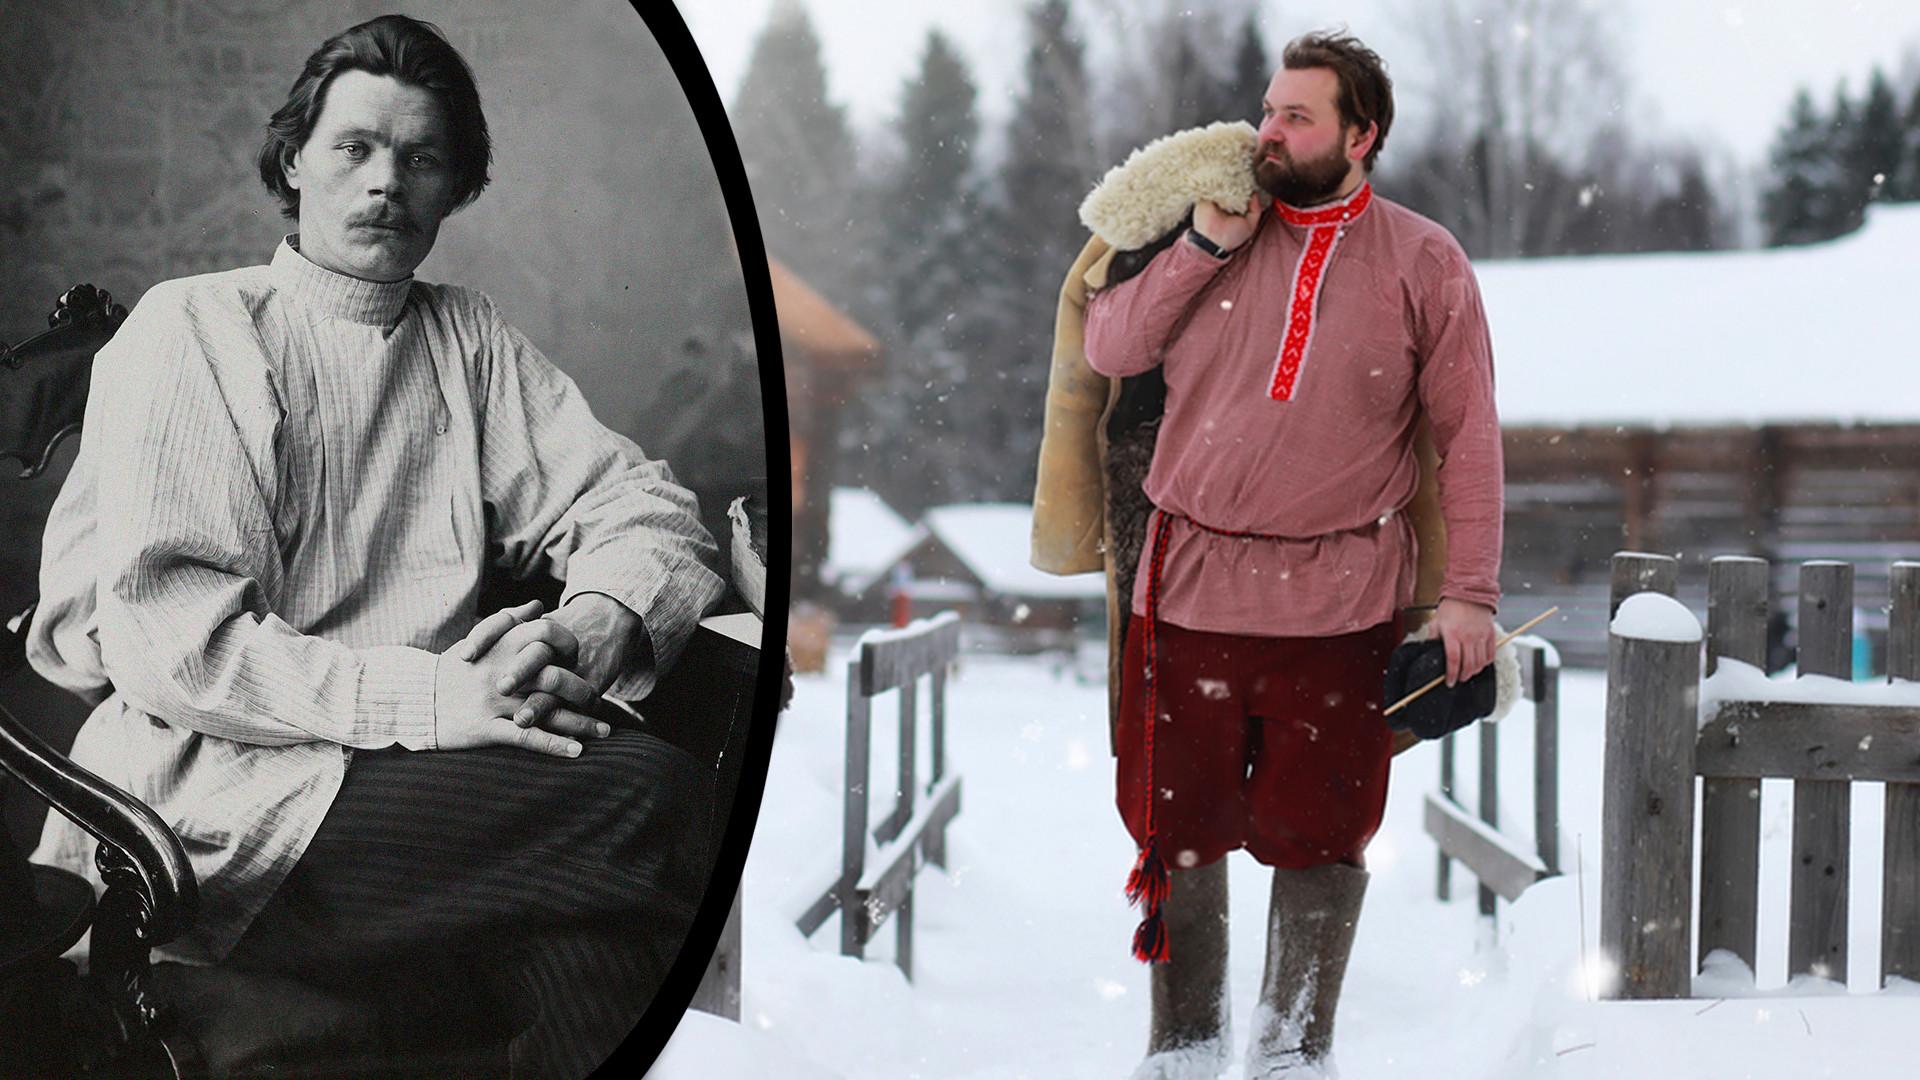 A sinistra, lo scrittore sovietico Maksim Gorkij con una kosovorotka; a destra, una kosovorotka moderna